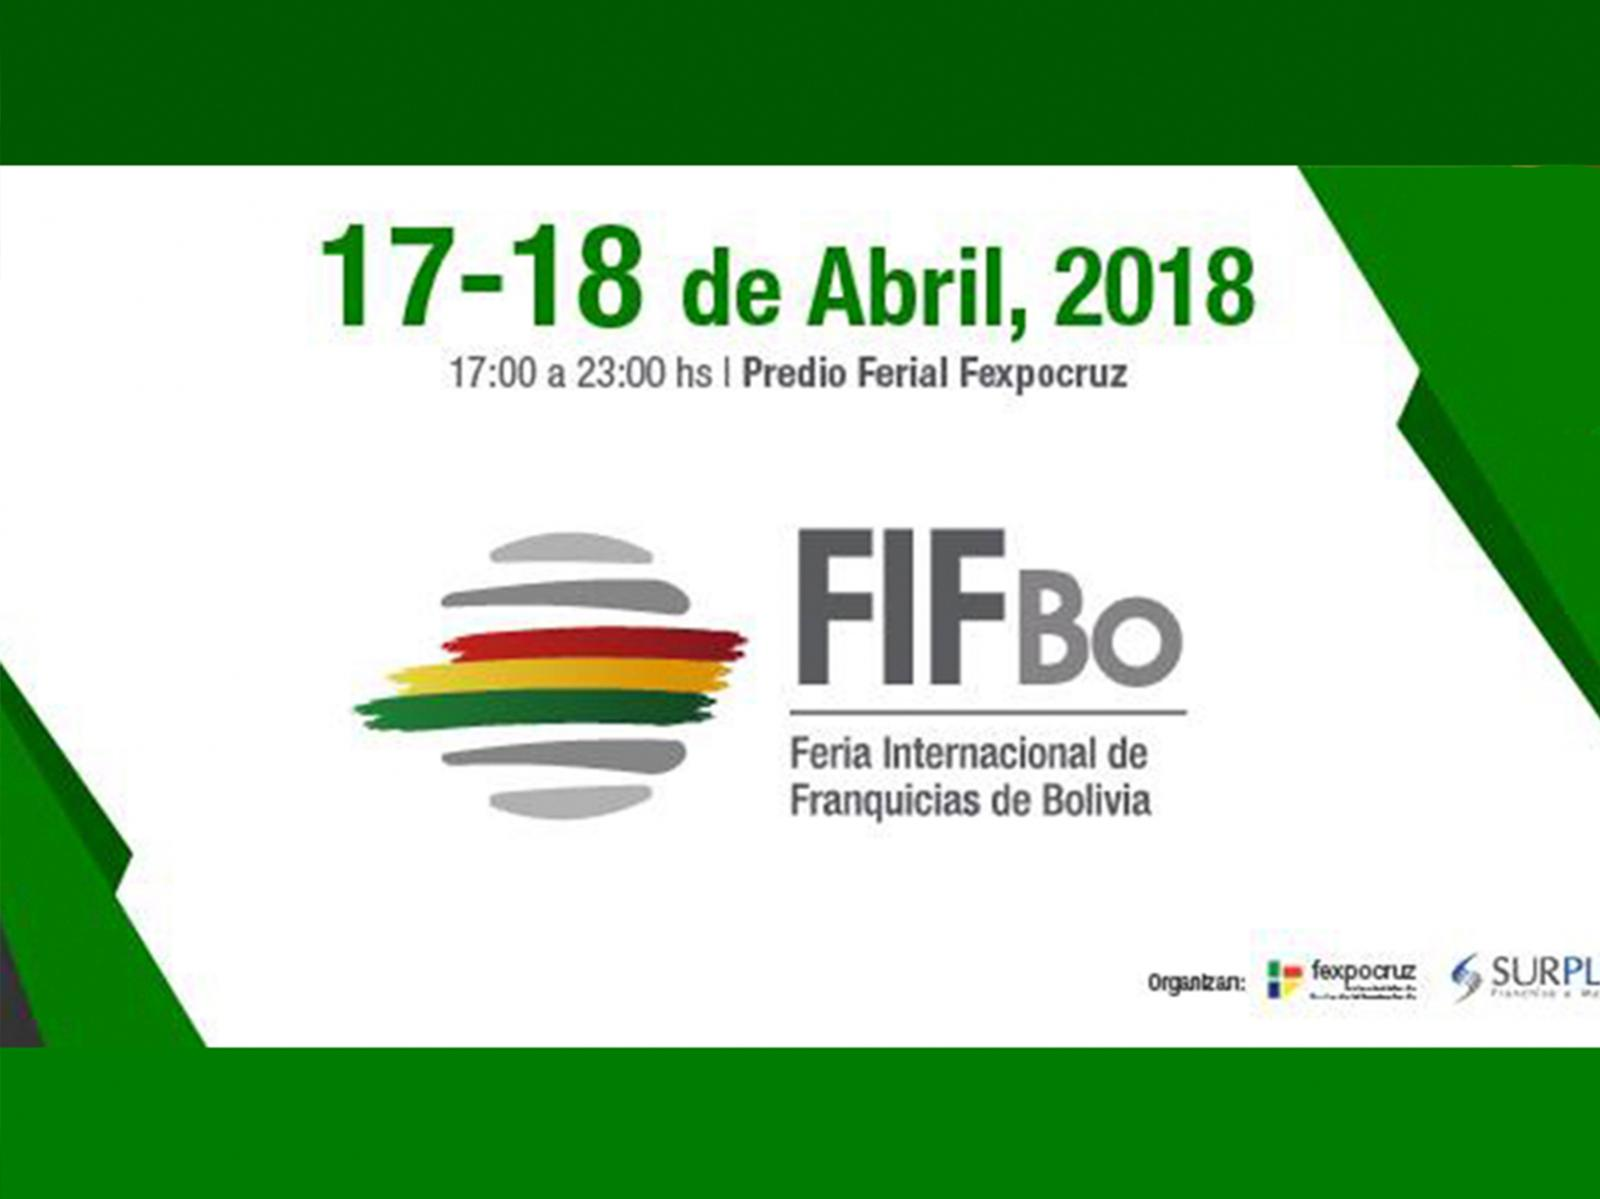 club franquicia peru 2 noticia 1523315613 - FIFBo: Feria Internacional de Franquicias de Bolivia reunirá a más de 40 marcas